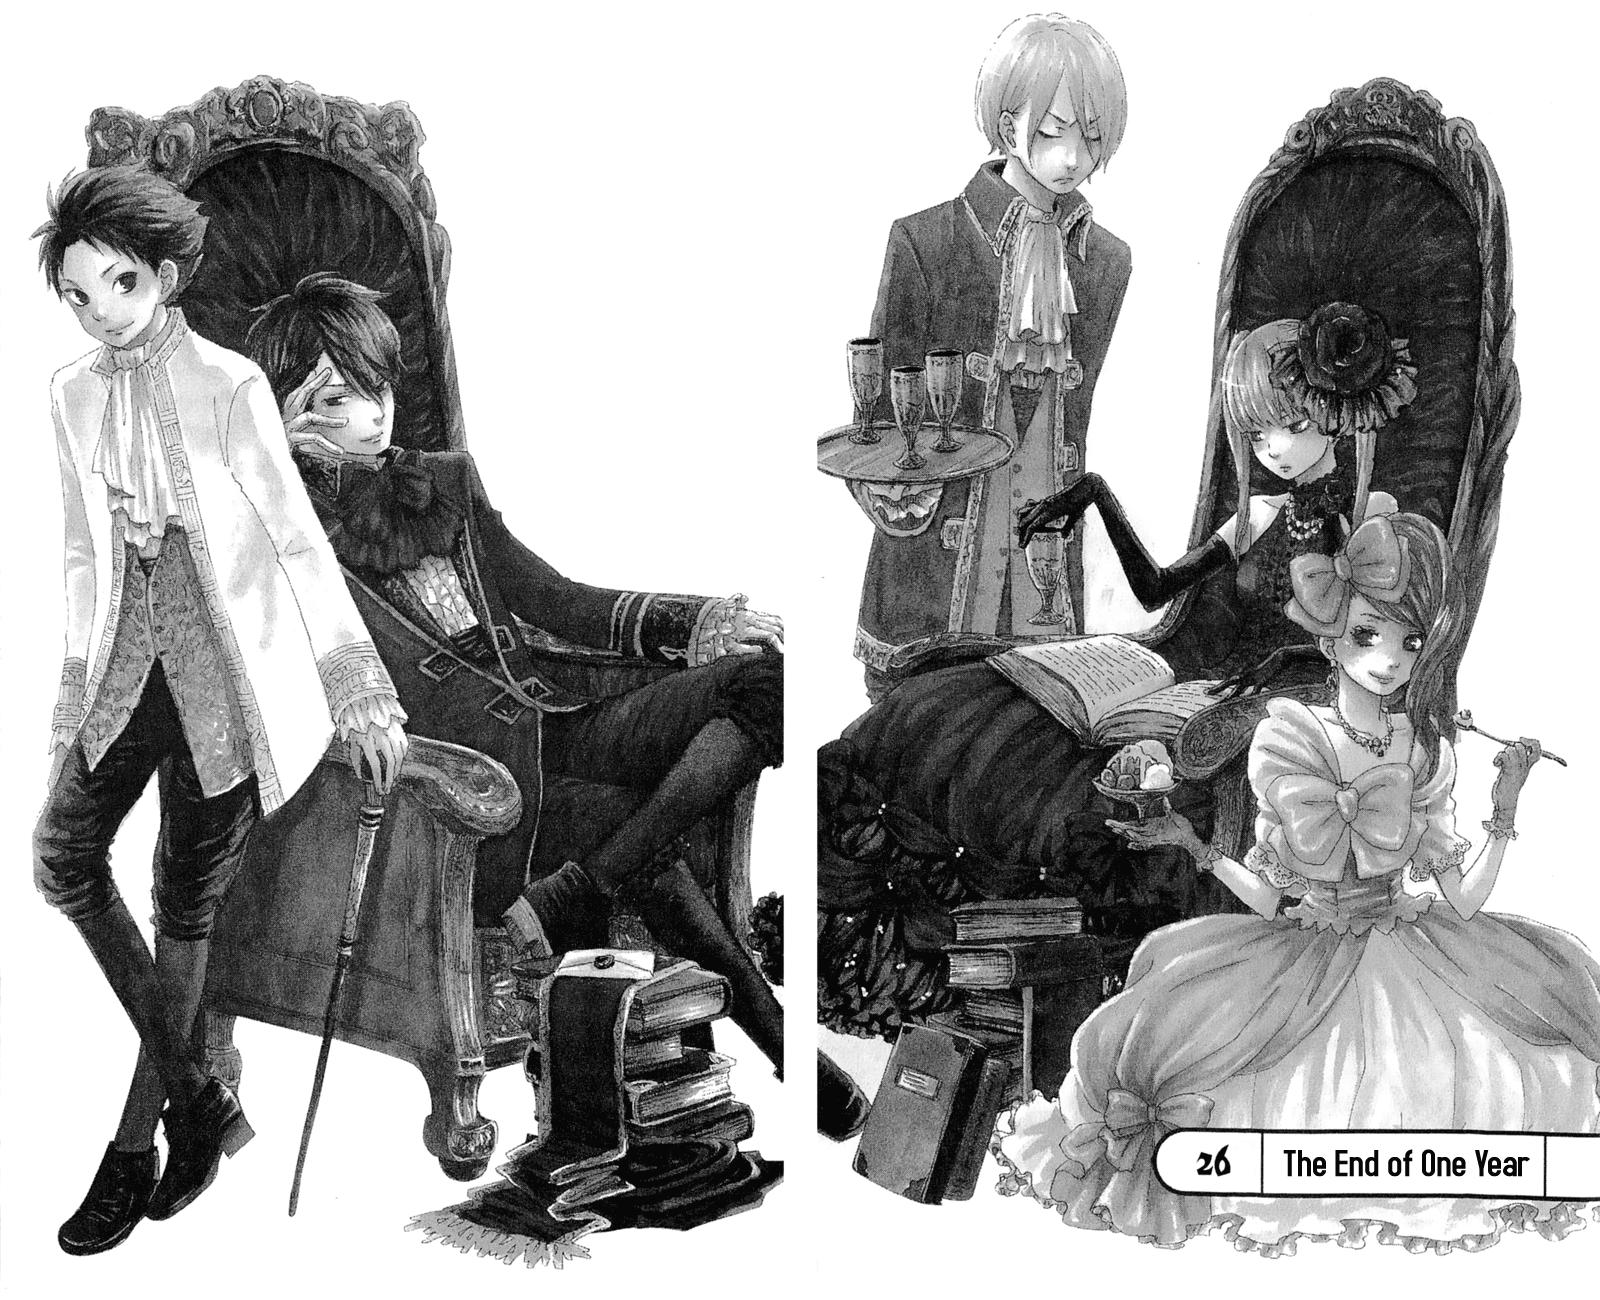 Tonari no Kaibutsu-kun – 026_ The End of One Year